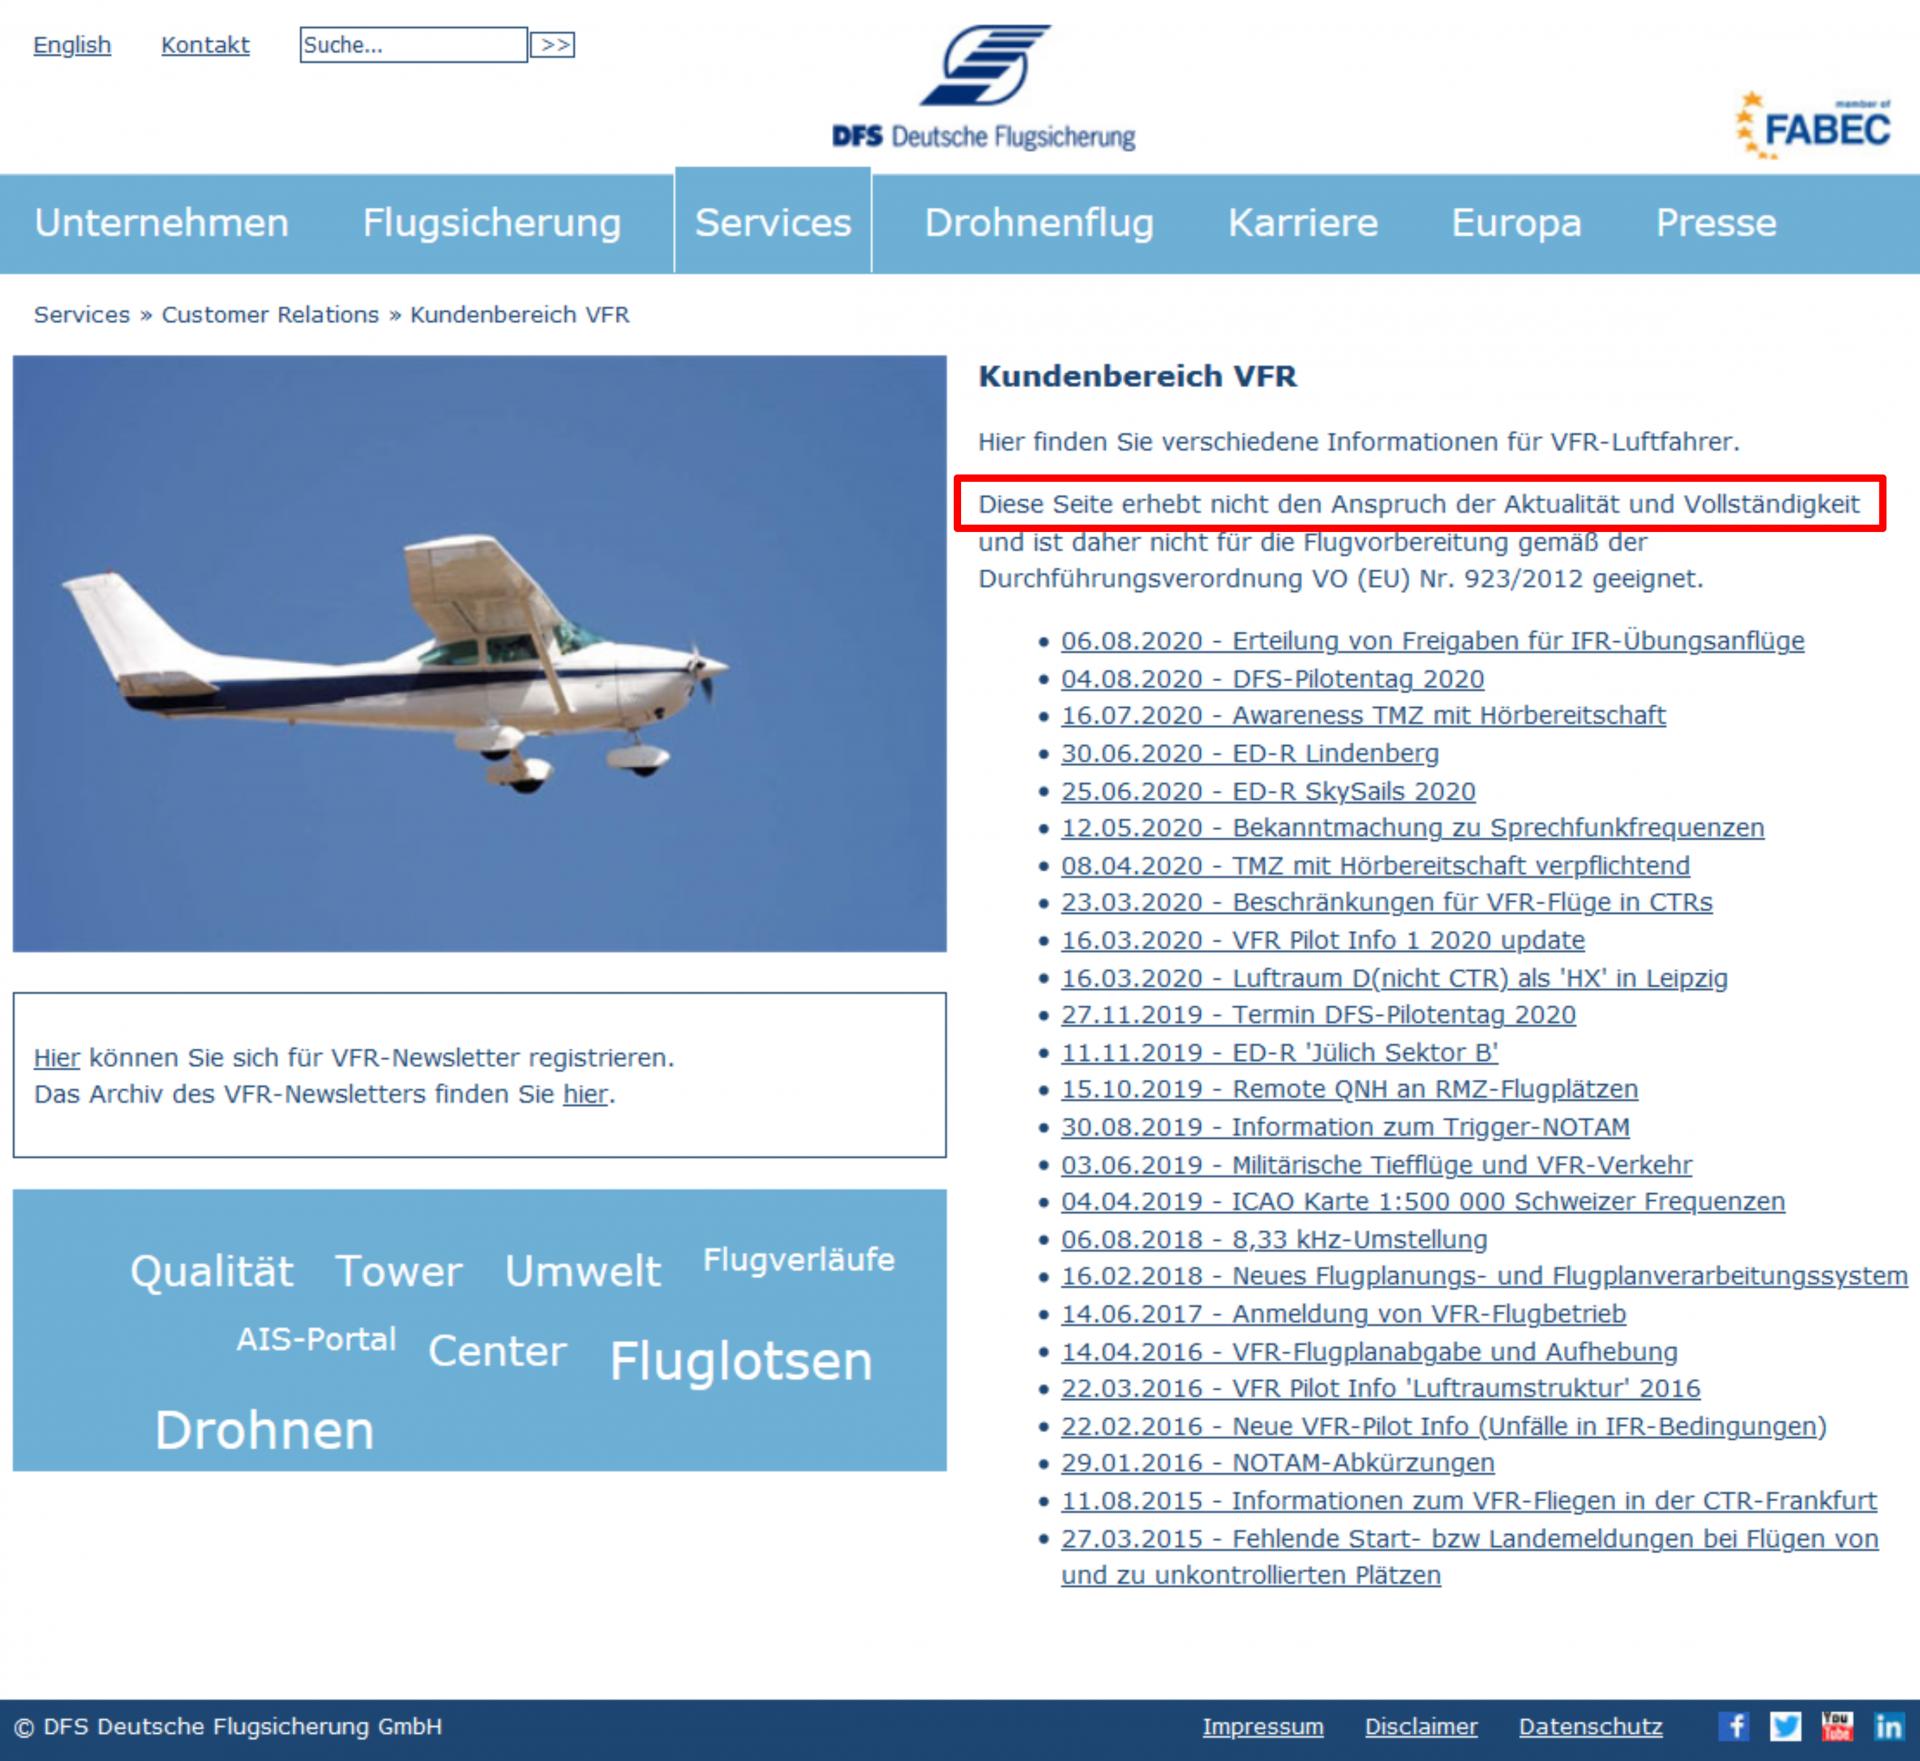 Abb 9.1-2_DFS - Kundenbereich VFR.png